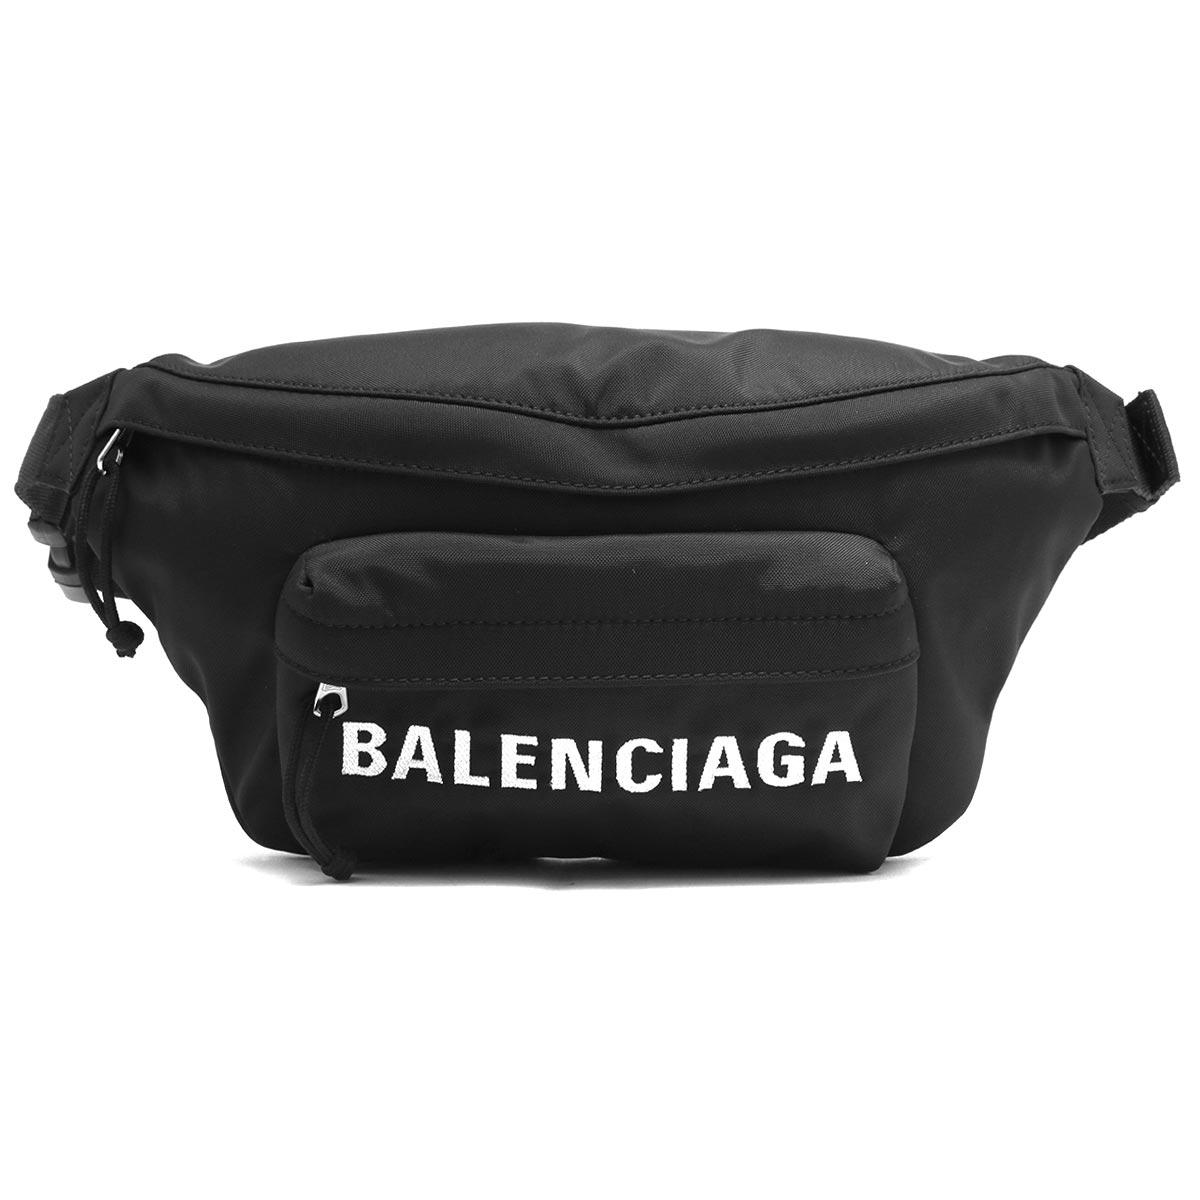 男女兼用バッグ, ボディバッグ・ウエストポーチ  533009 HPG1X 1090 2019 BALENCIAGA